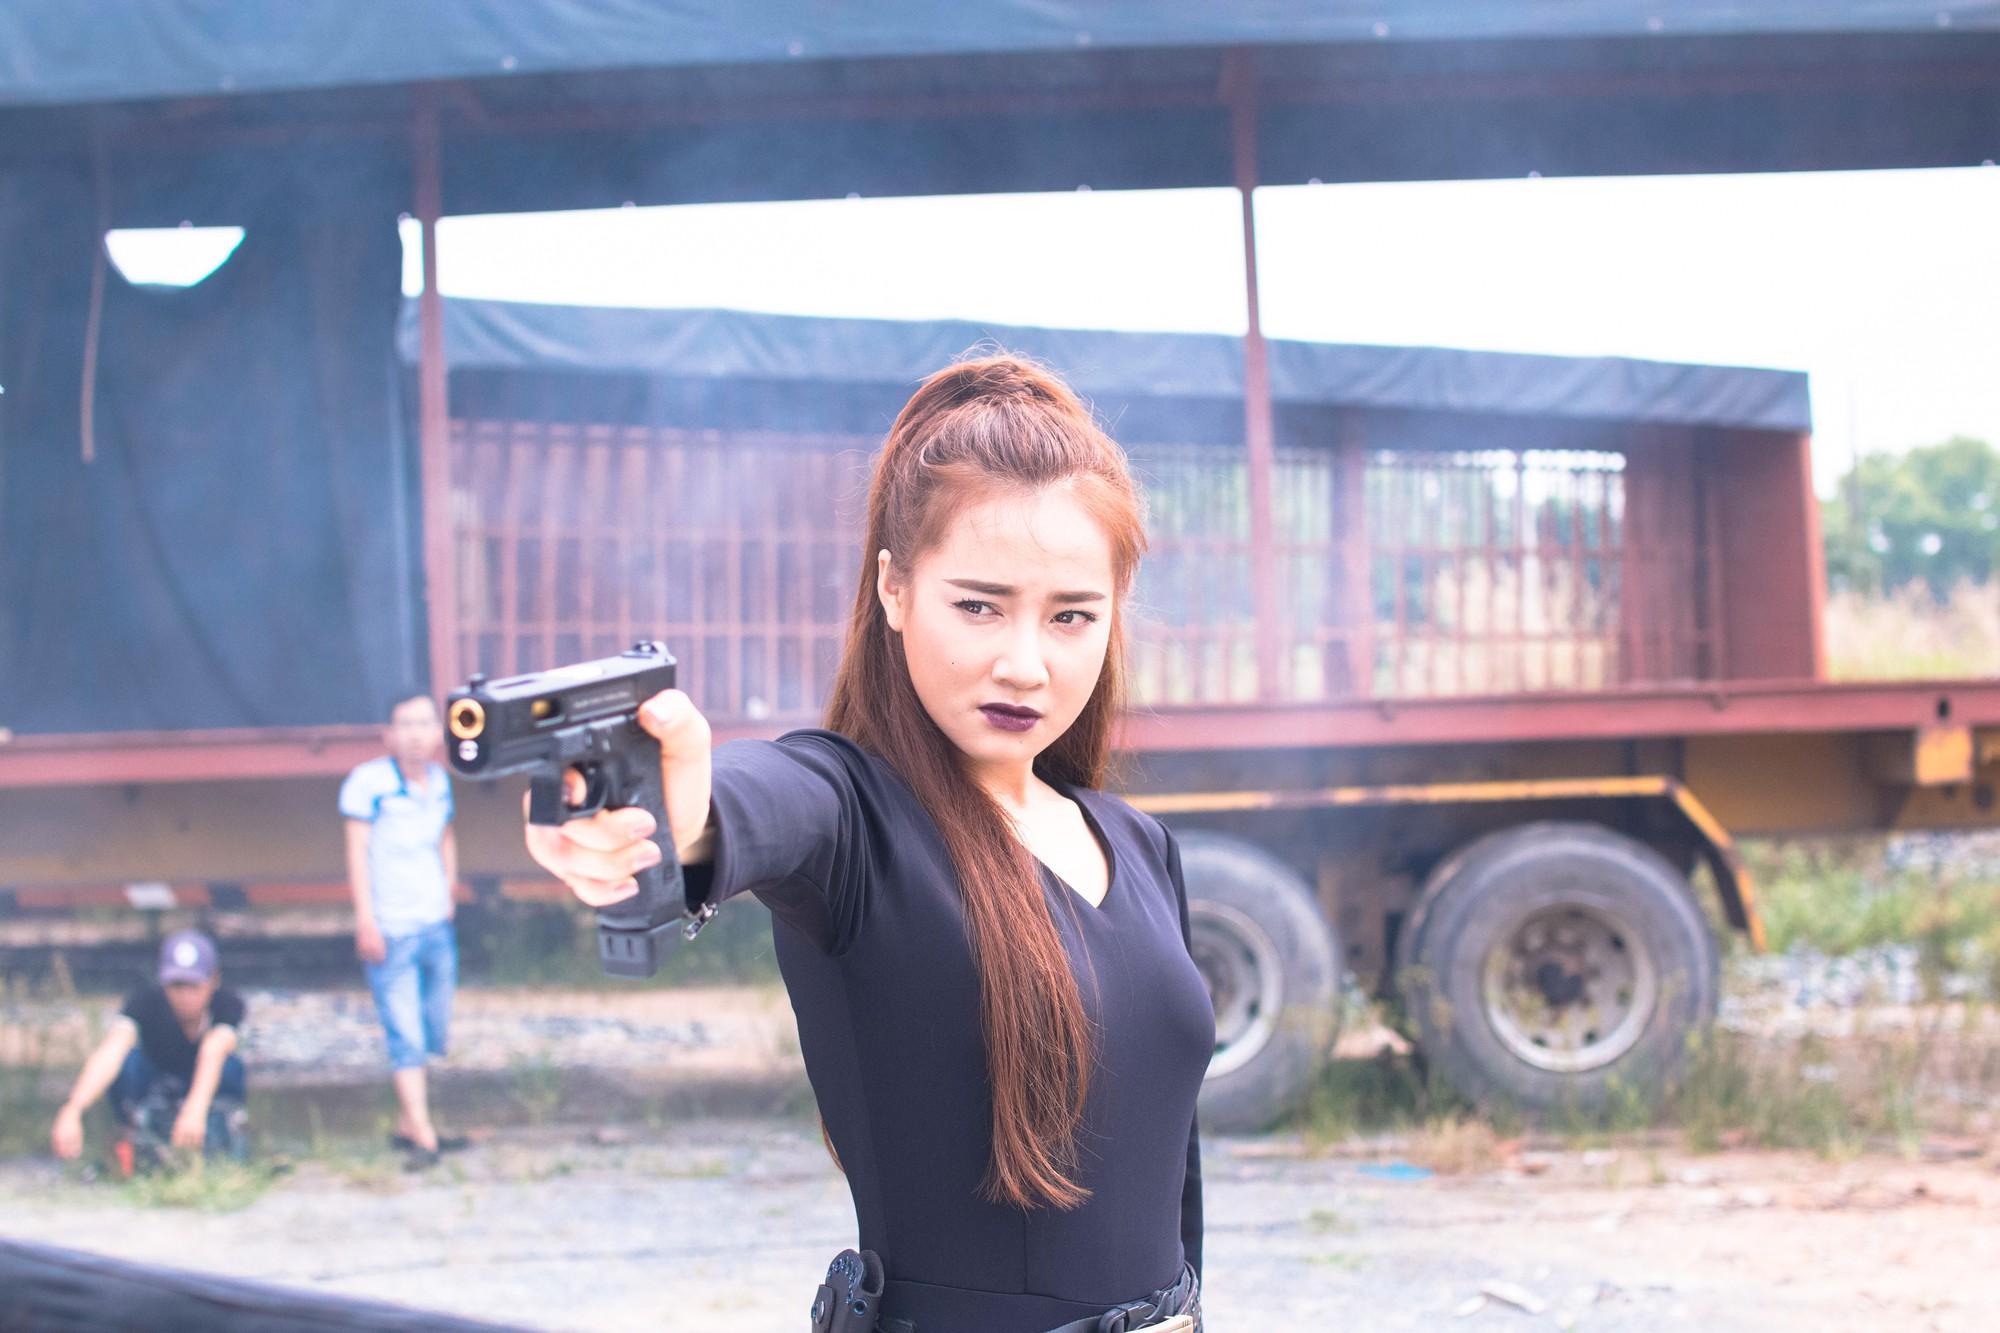 Lộ thêm hình ảnh Nhã Phương trên phim trường sau 2 tháng mất tích: Tăng cân rõ rệt, thậm chí lộ cả bụng mỡ - Ảnh 3.